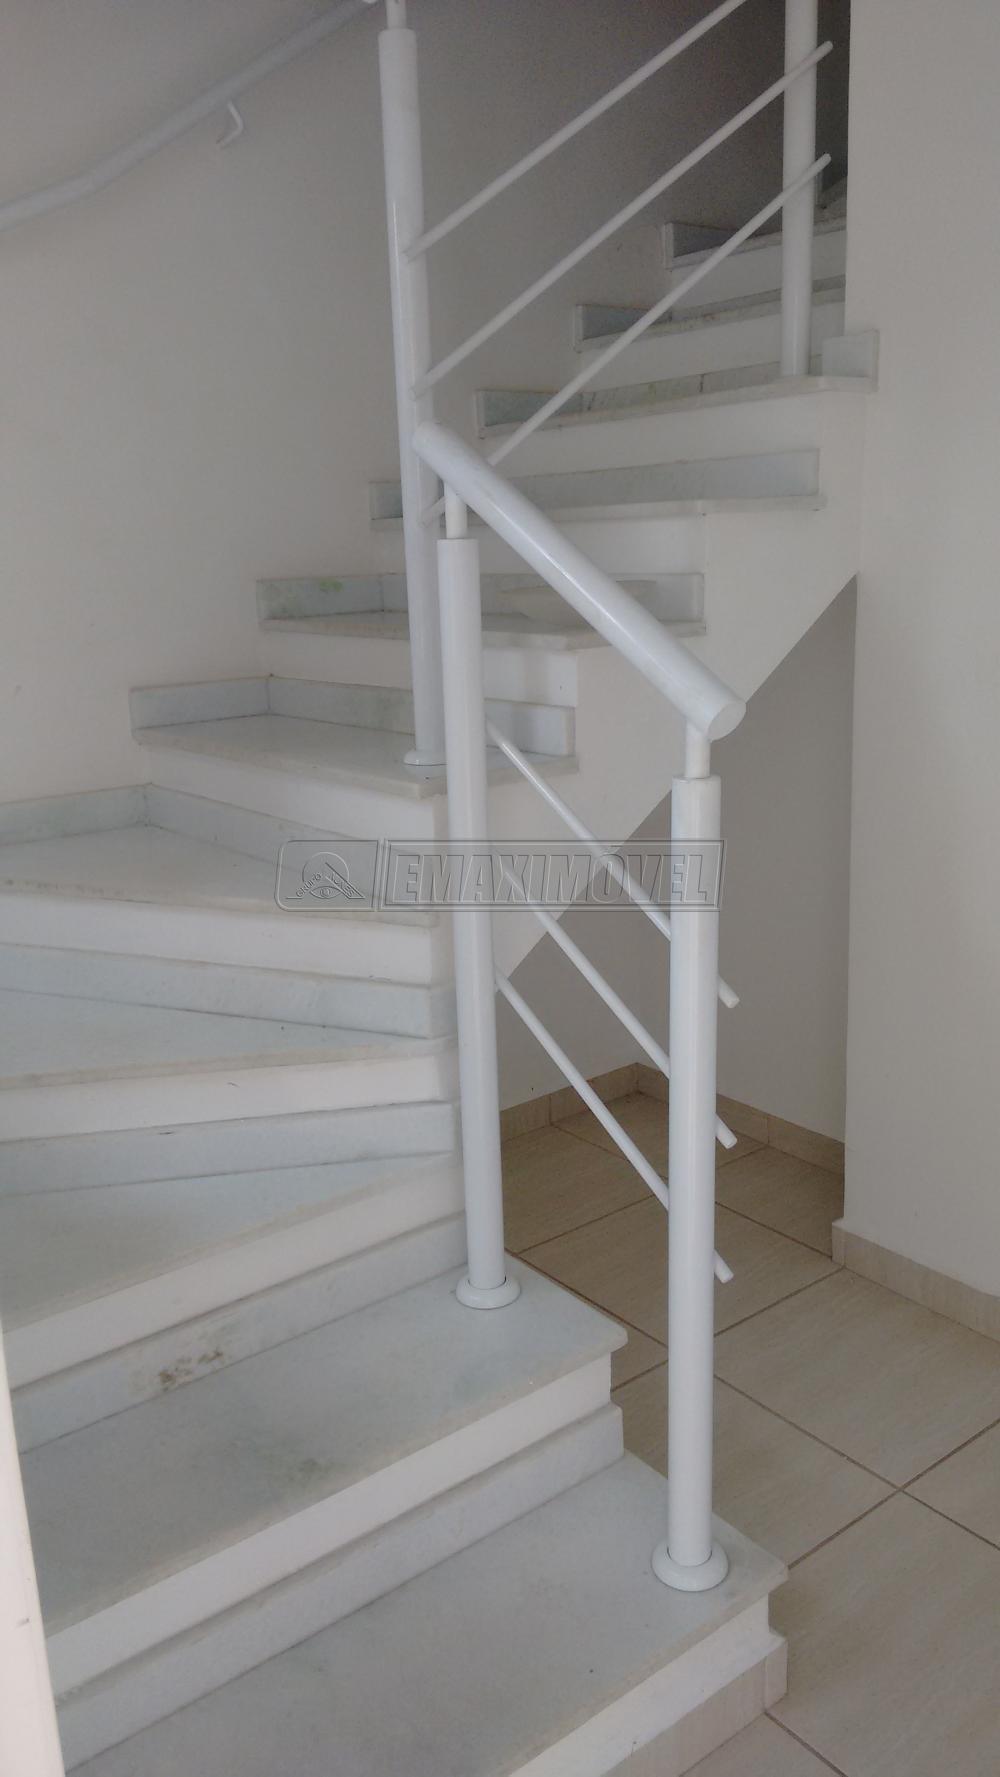 Comprar Casas / em Condomínios em Sorocaba apenas R$ 420.000,00 - Foto 2